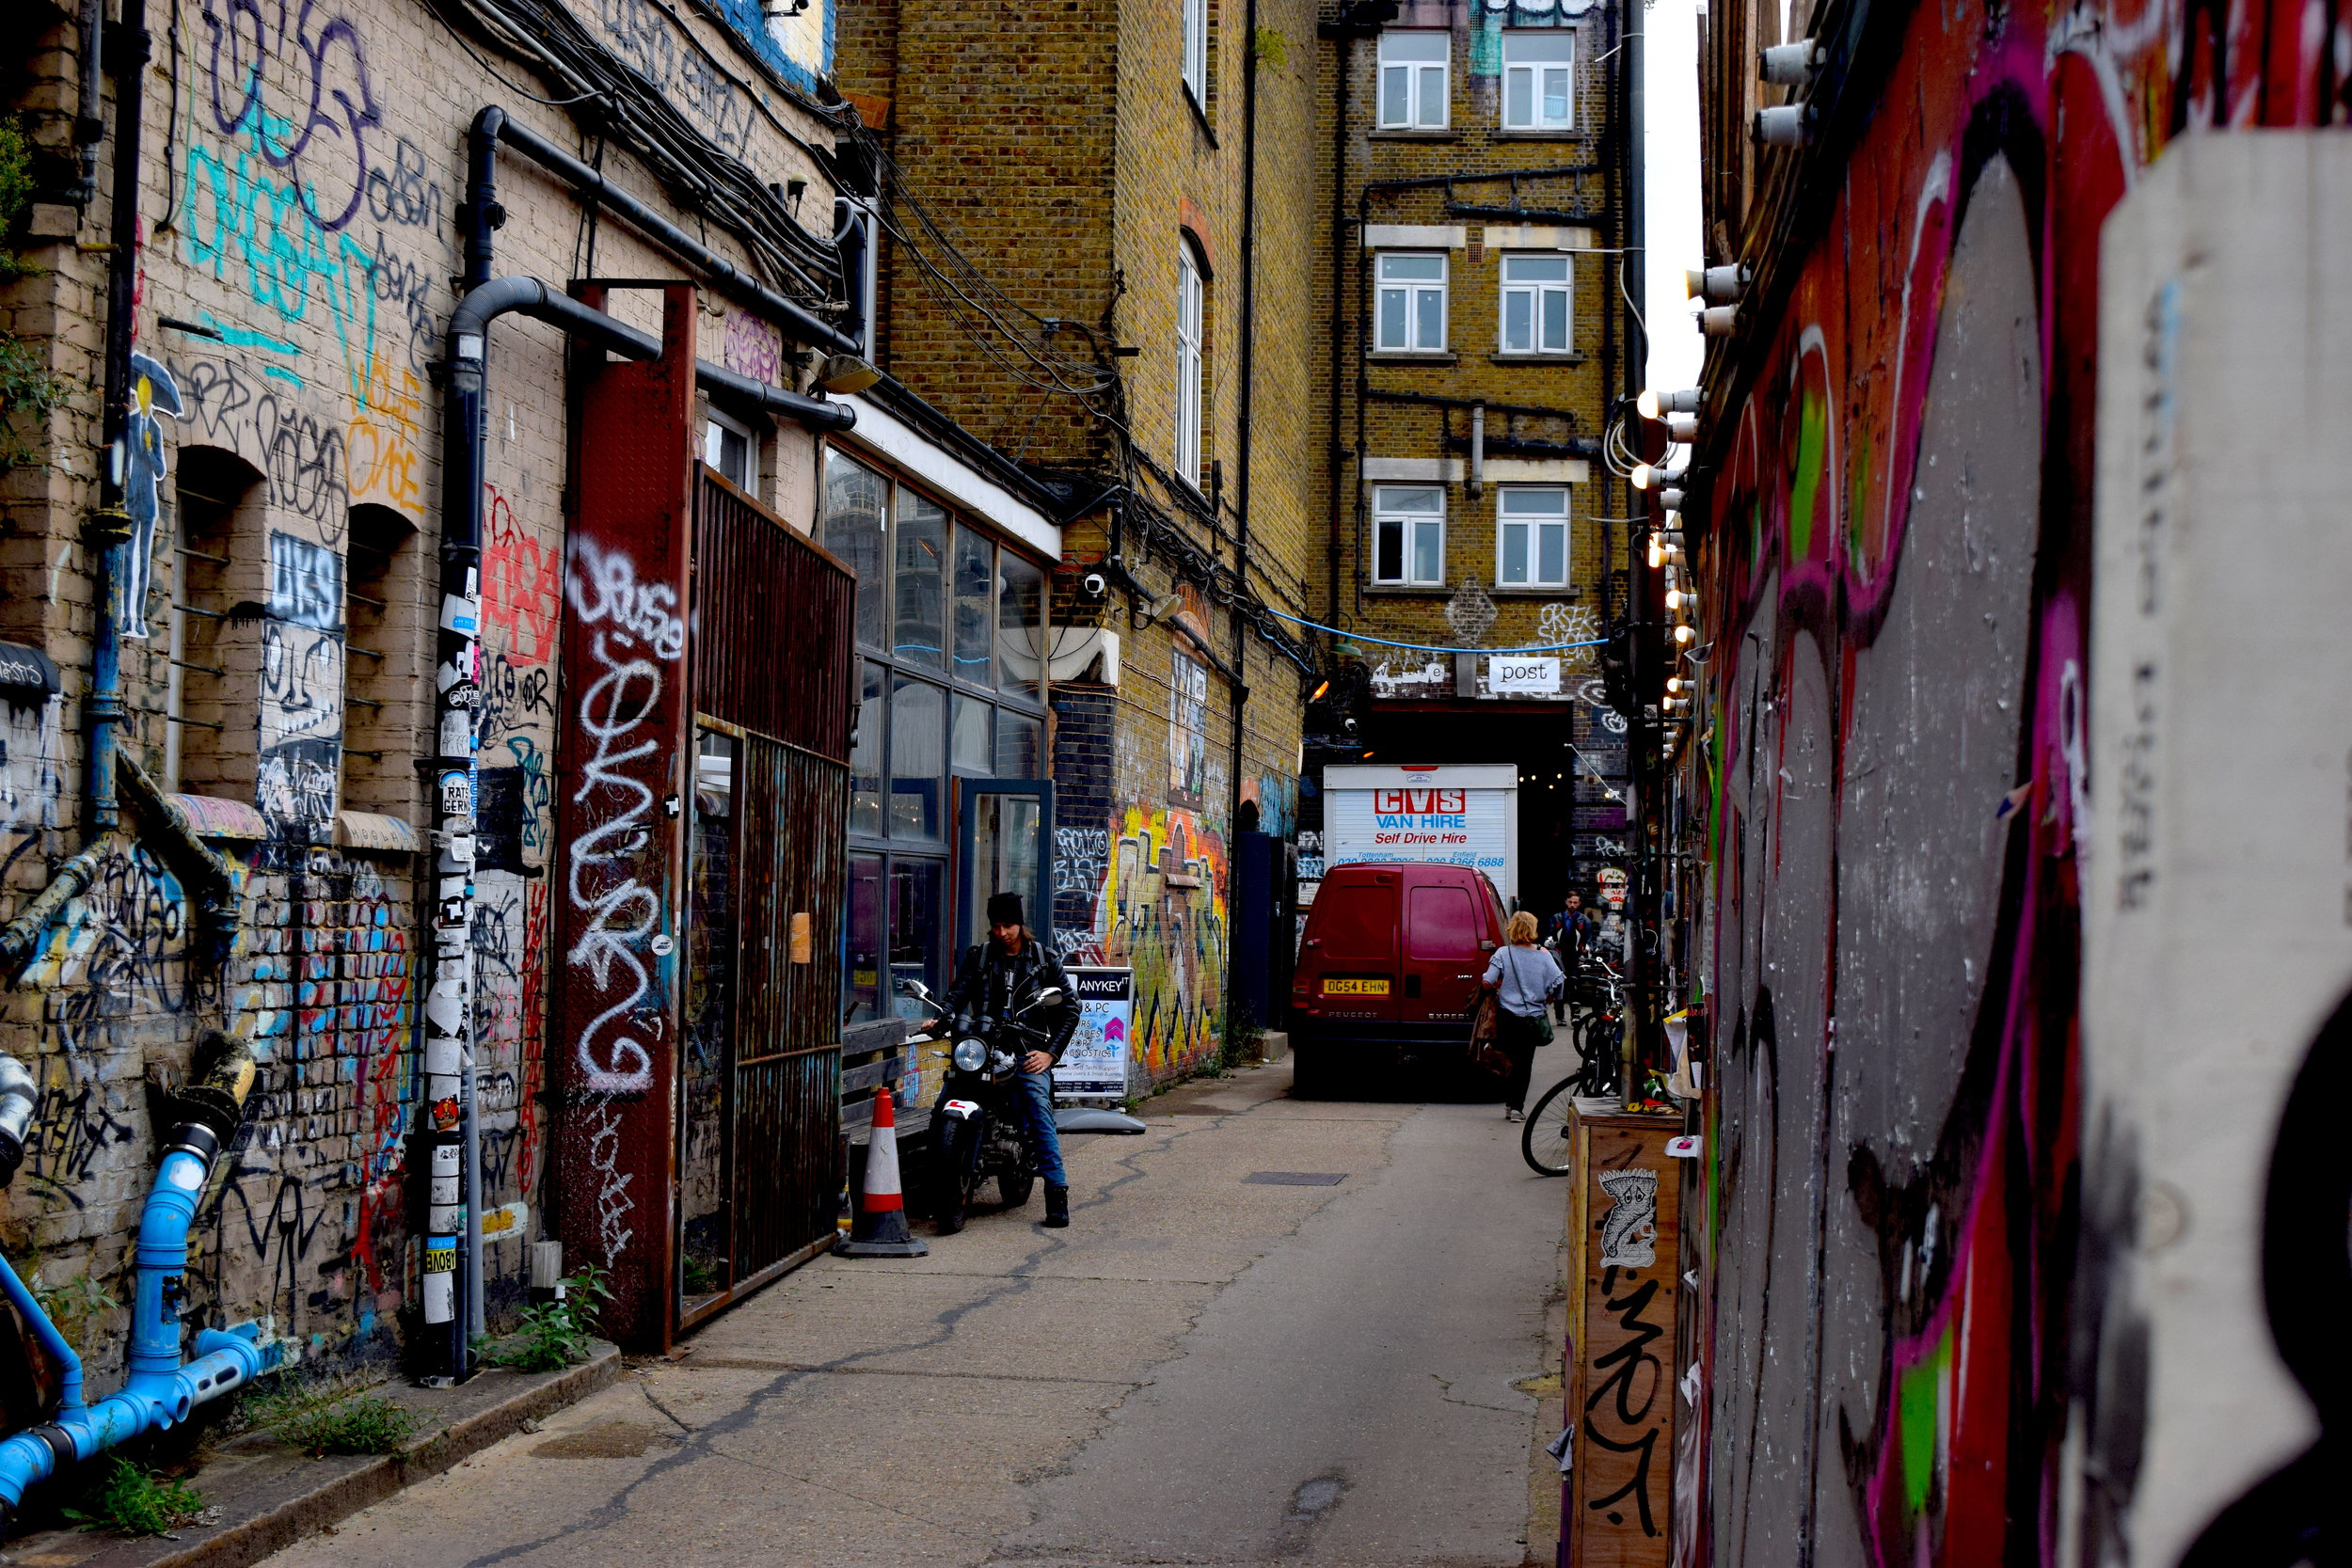 LondonAlleyway2.JPG